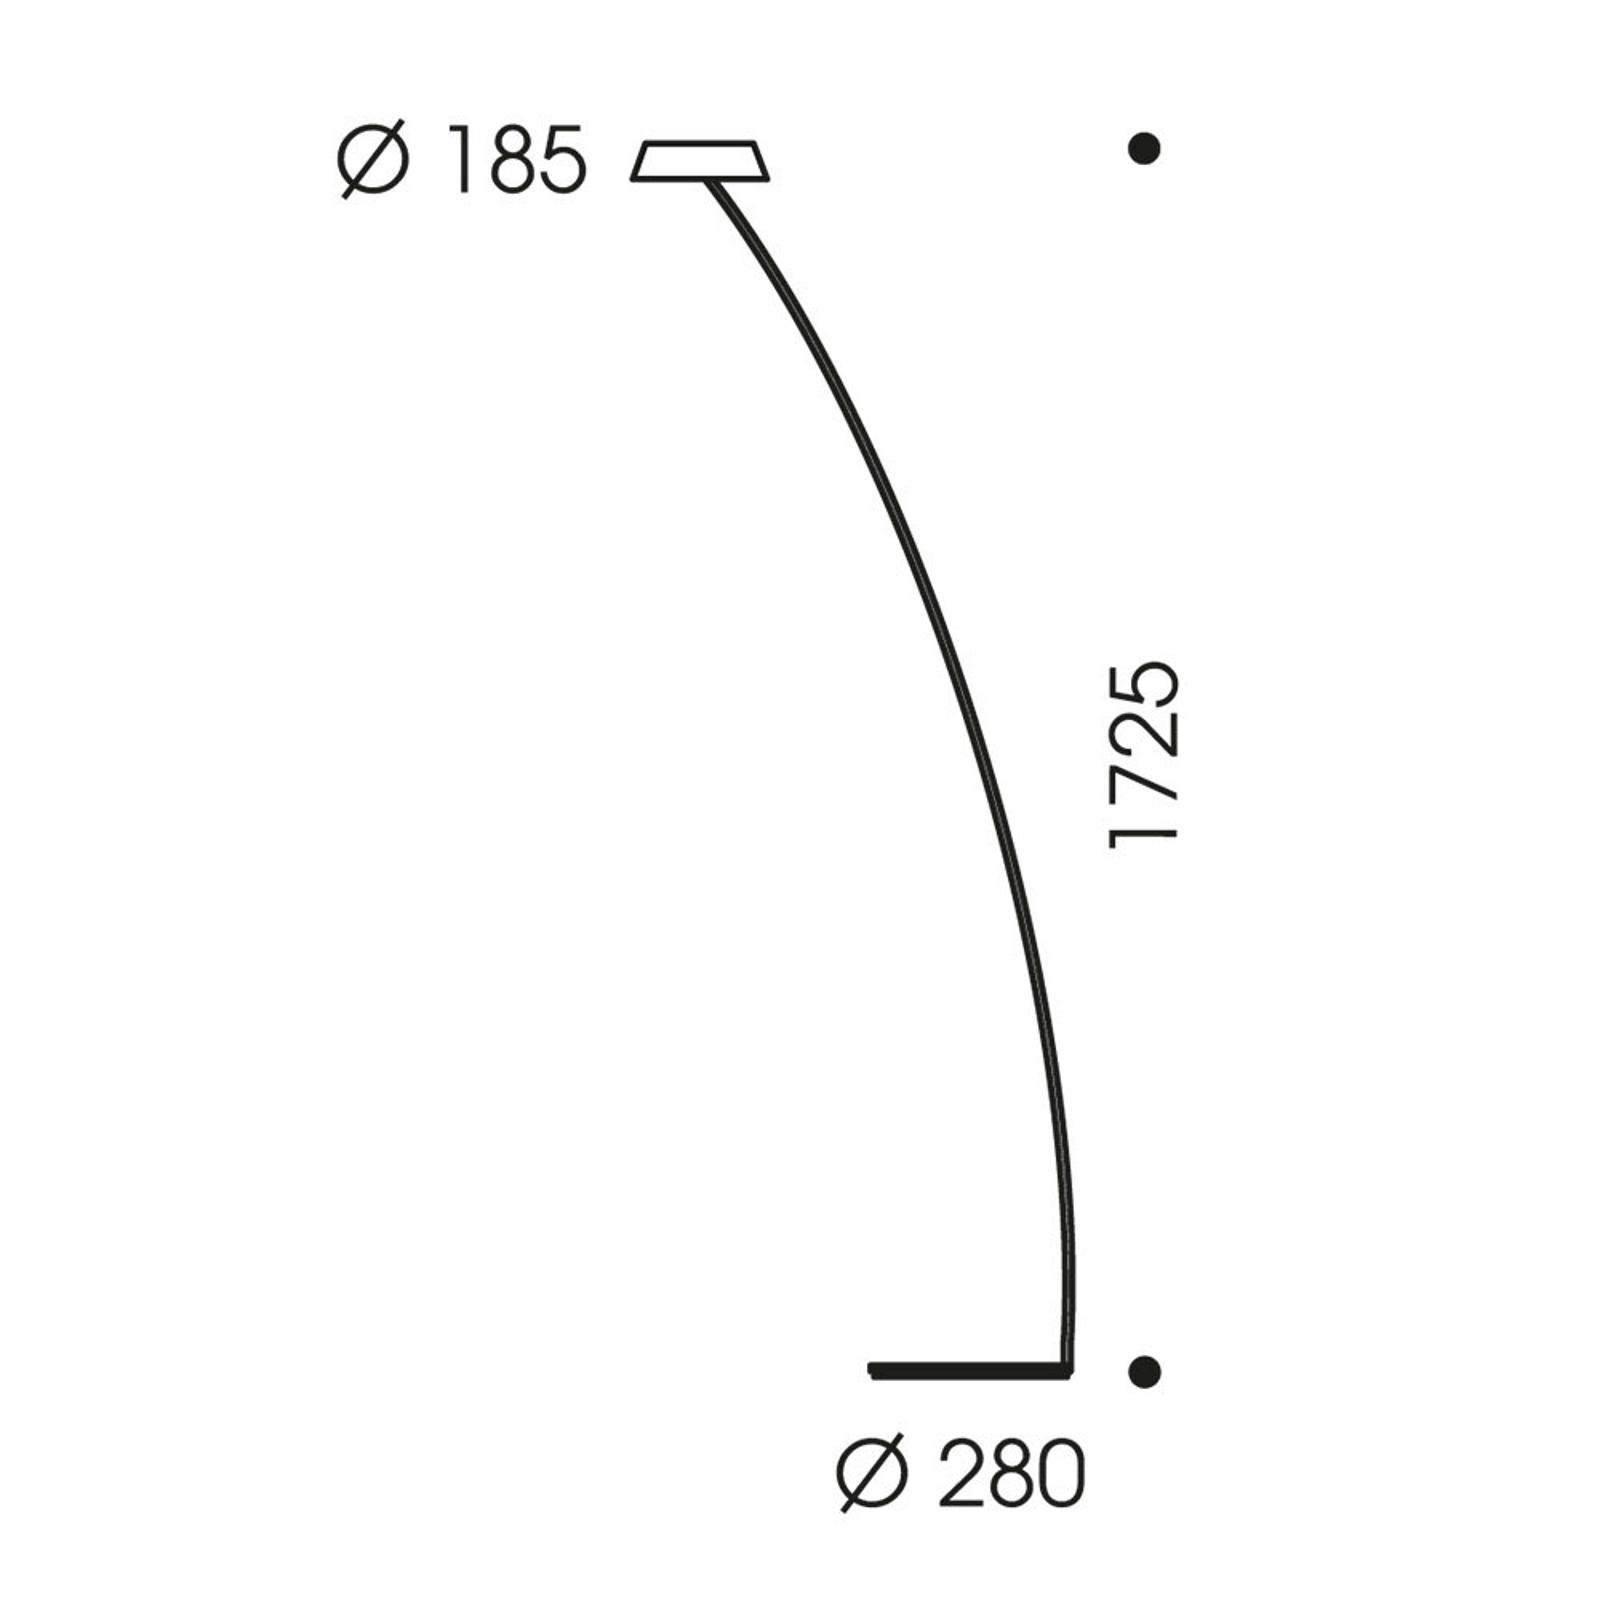 OLIGO Glance lampa stojąca wygięta szara matowa